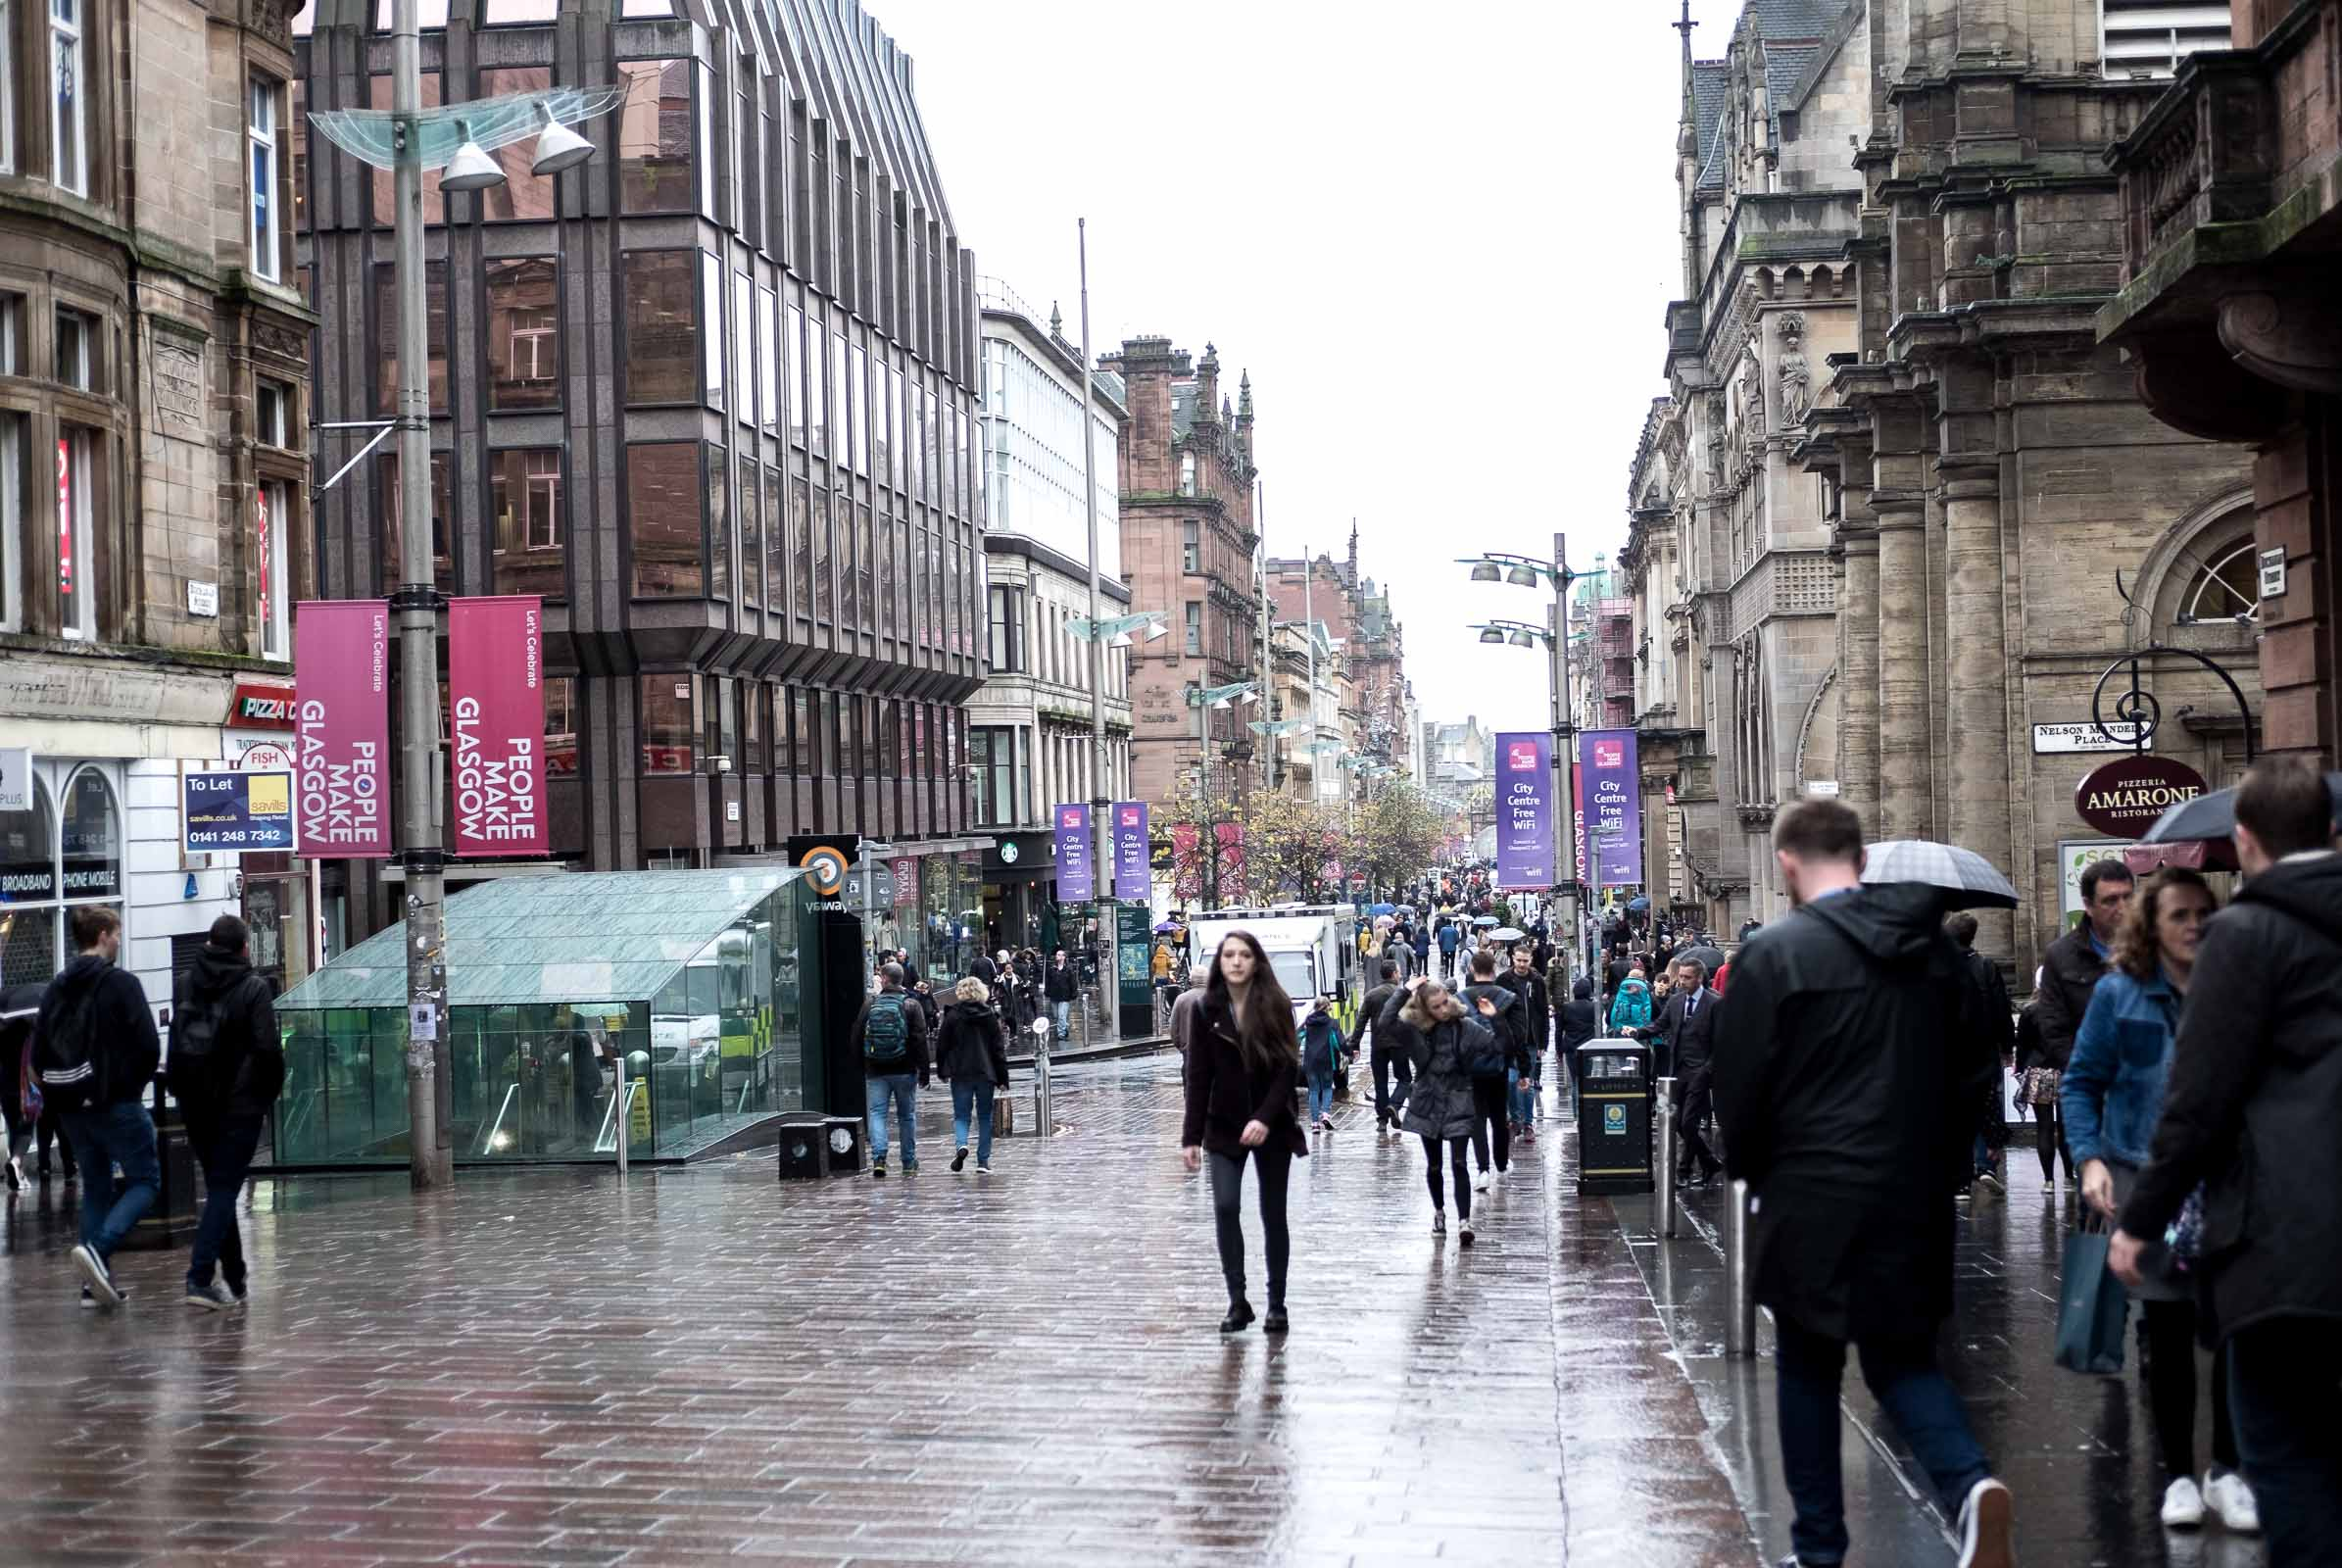 City Guide: Off Duty in Glasgow - Buchanan Street Area